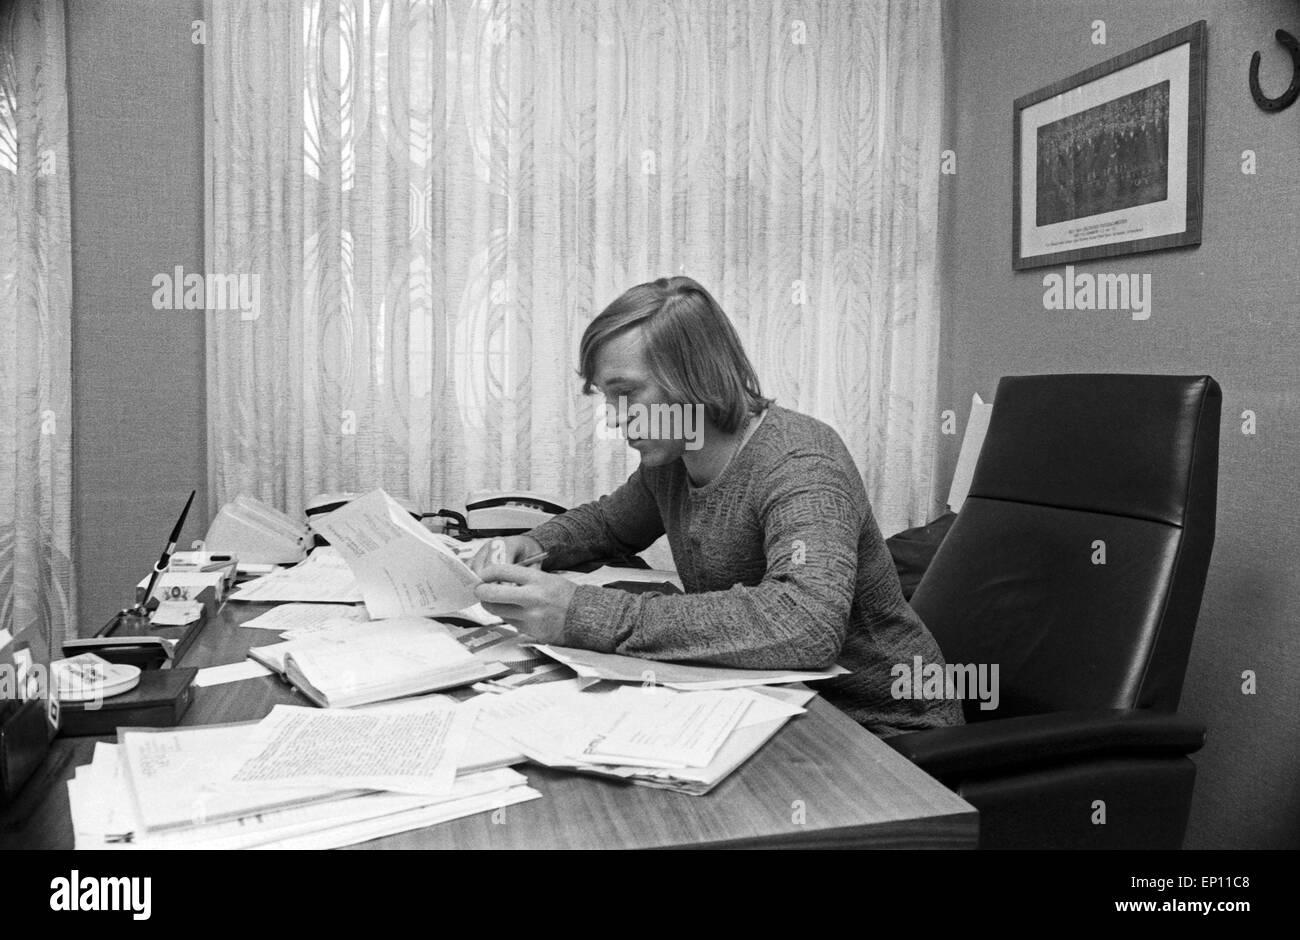 Deutscher Fußballer Günter Netzer als Manager des HSV in seinem Büro in der Geschäftsstelle - Stock Image